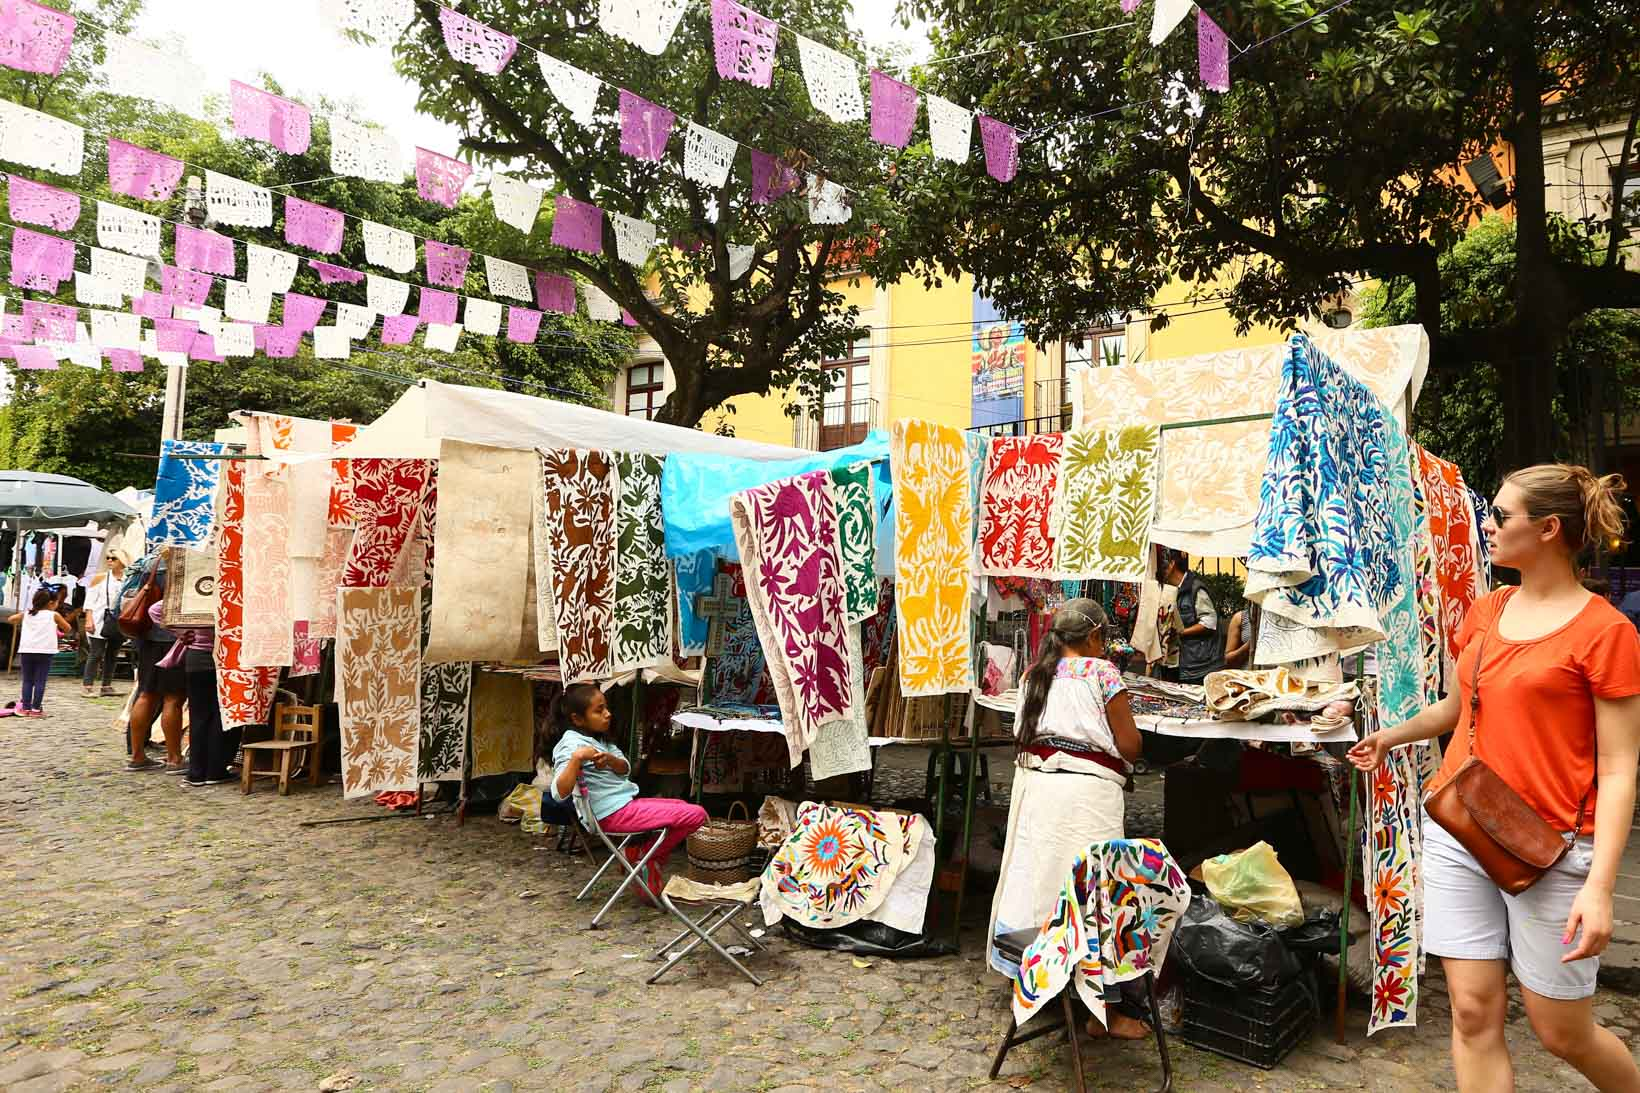 mercados de artesanato Cidade do México